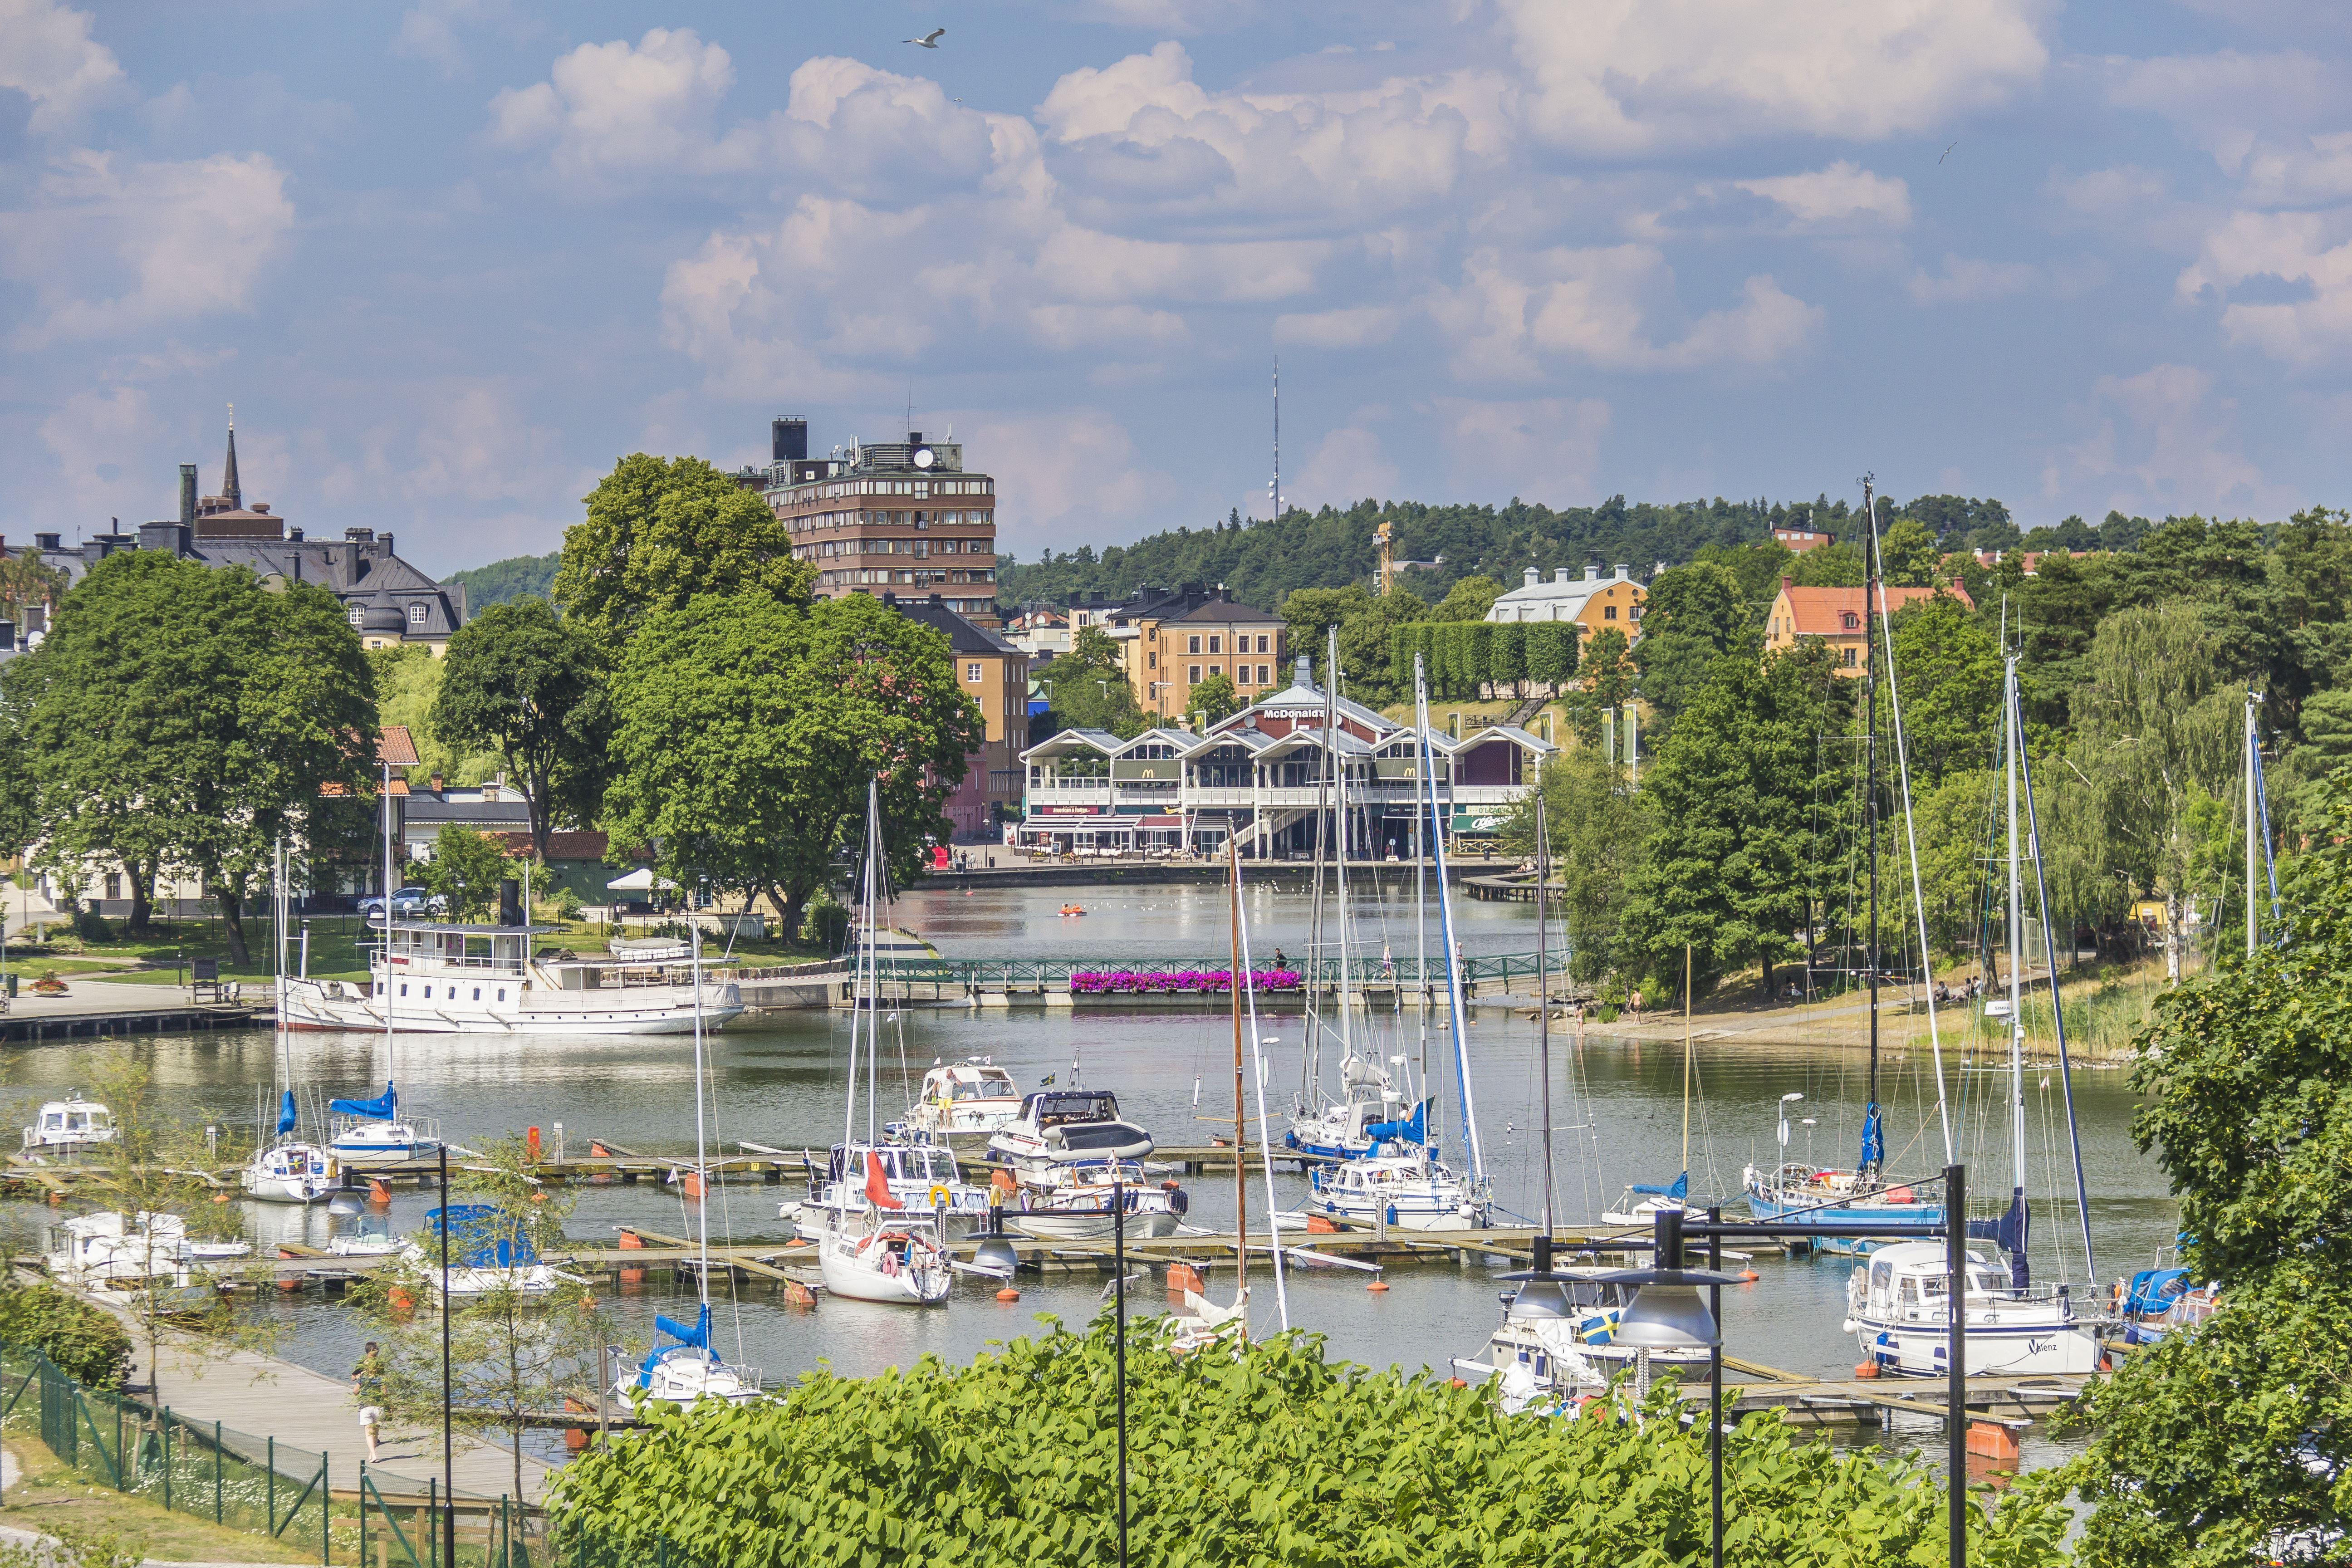 Södertäljevandringar 2019 - Ejdern, flytande Stadsvandring i Södertälje